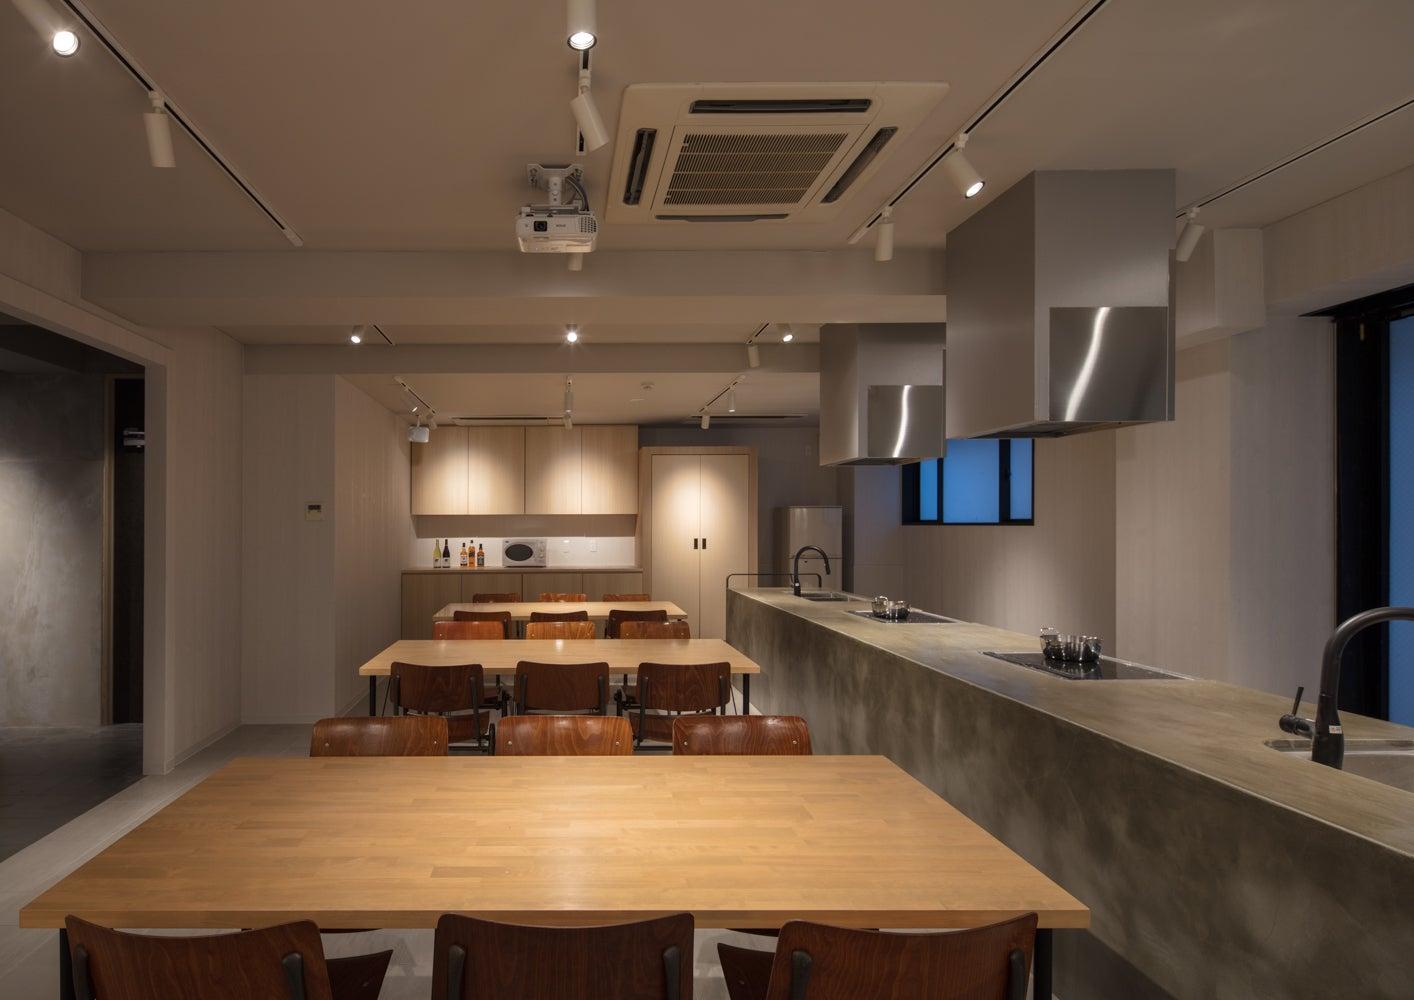 【近江町市場から徒歩2分】パーティー利用や料理教室利用に。 広々シェアキッチンスペース(Emblem Stay Kanazawa シェアキッチン) の写真0